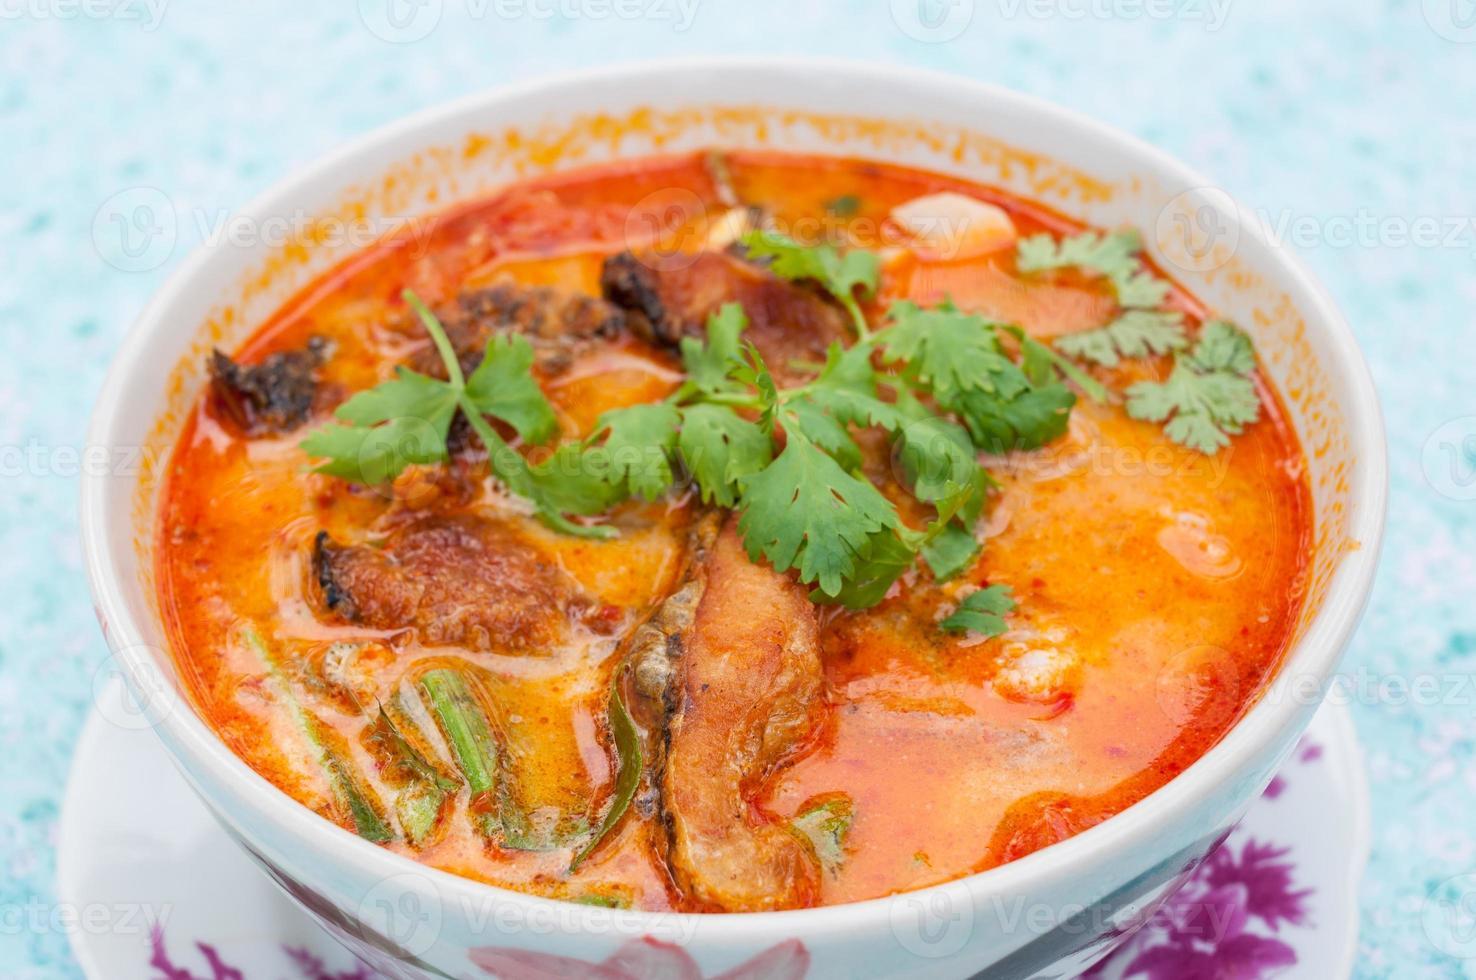 sopa quente e azeda e camarão foto